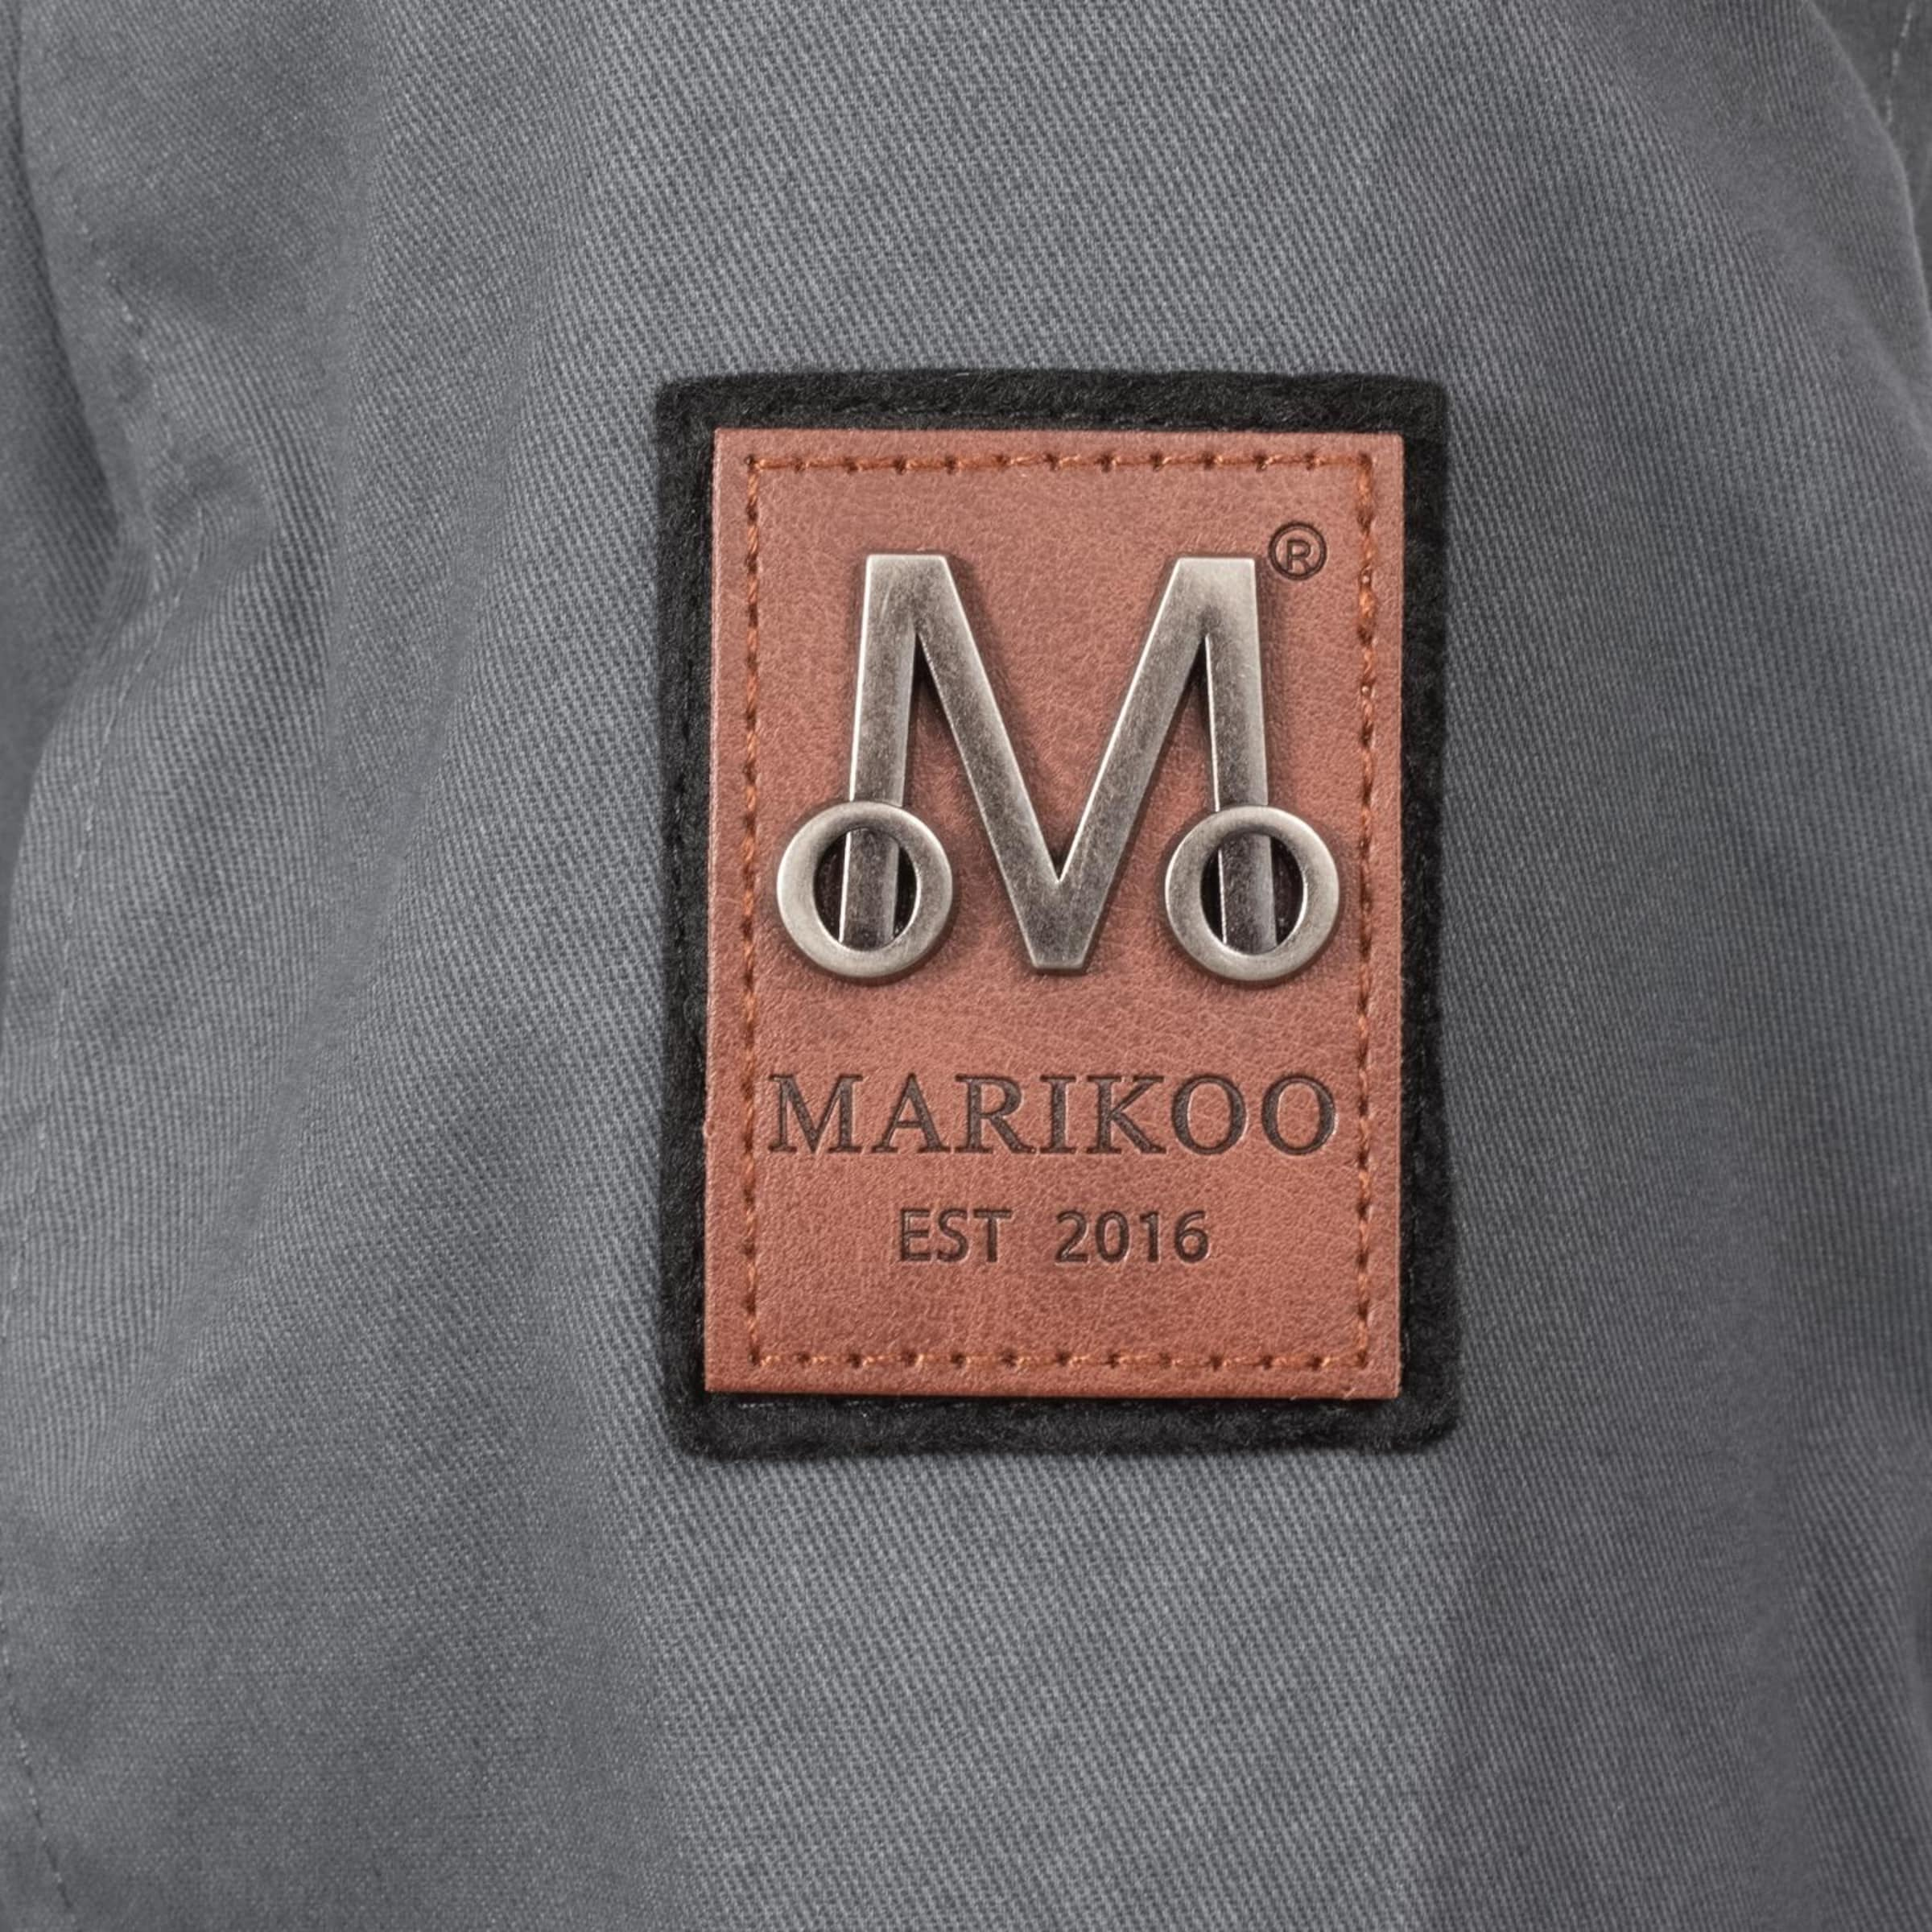 Marikoo Dunkelgrau Outdoorjacke 'nyokoo' Outdoorjacke In Marikoo lKTFJ1c